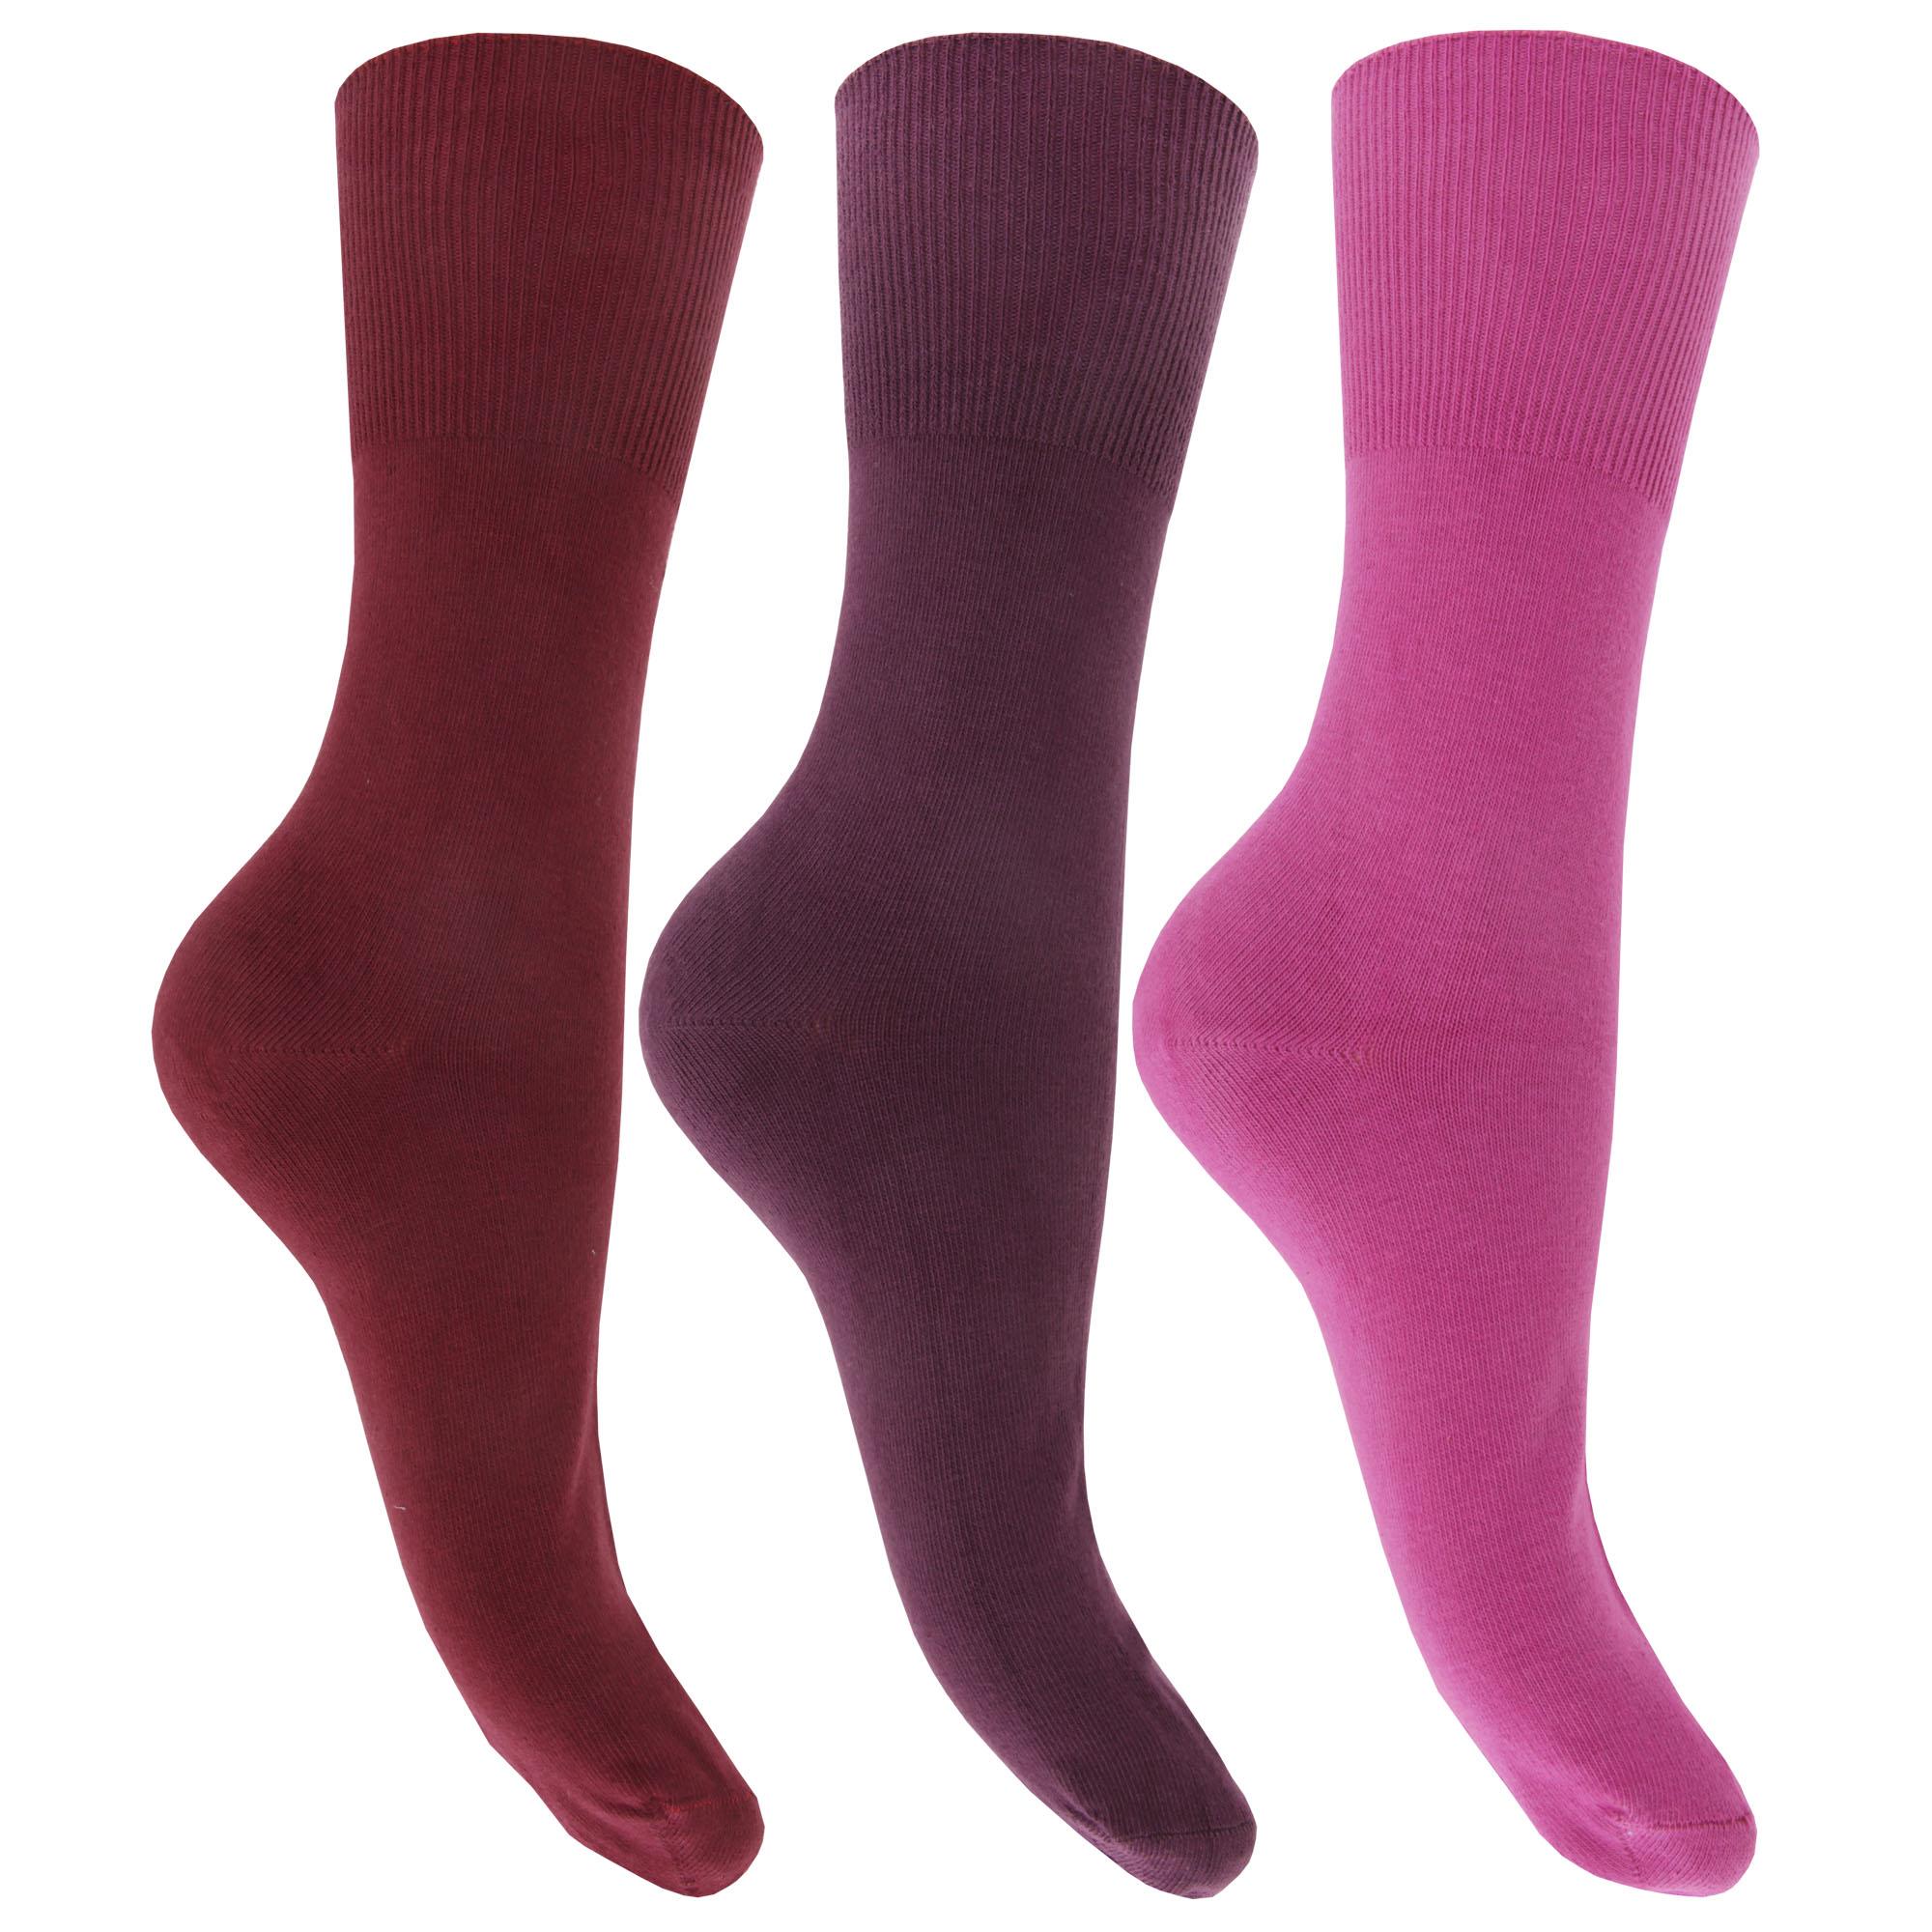 Mujer/Dama Puro Algodón Rico Calcetines No Elástico Superior (paquete de 3)